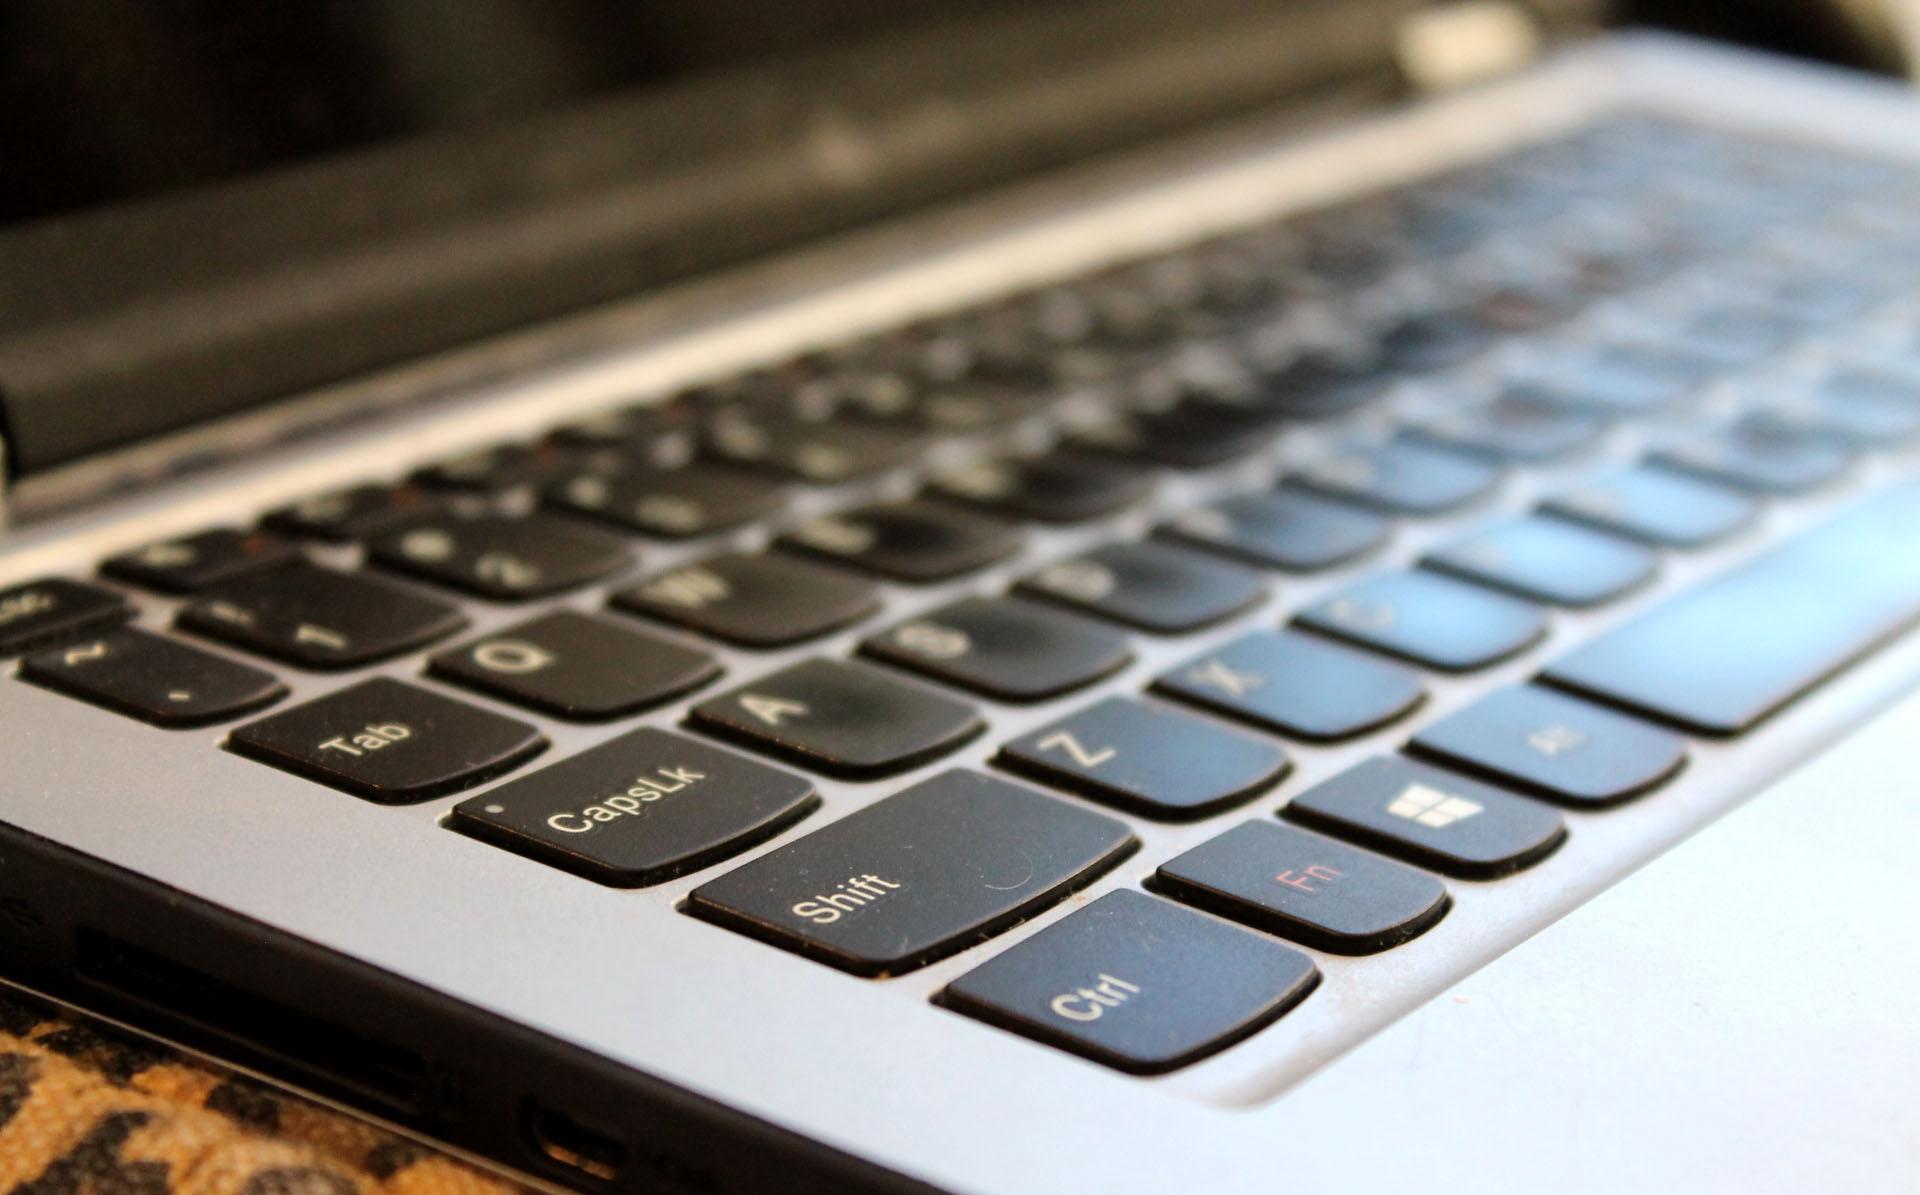 Nouns & Verbs - Keyboard